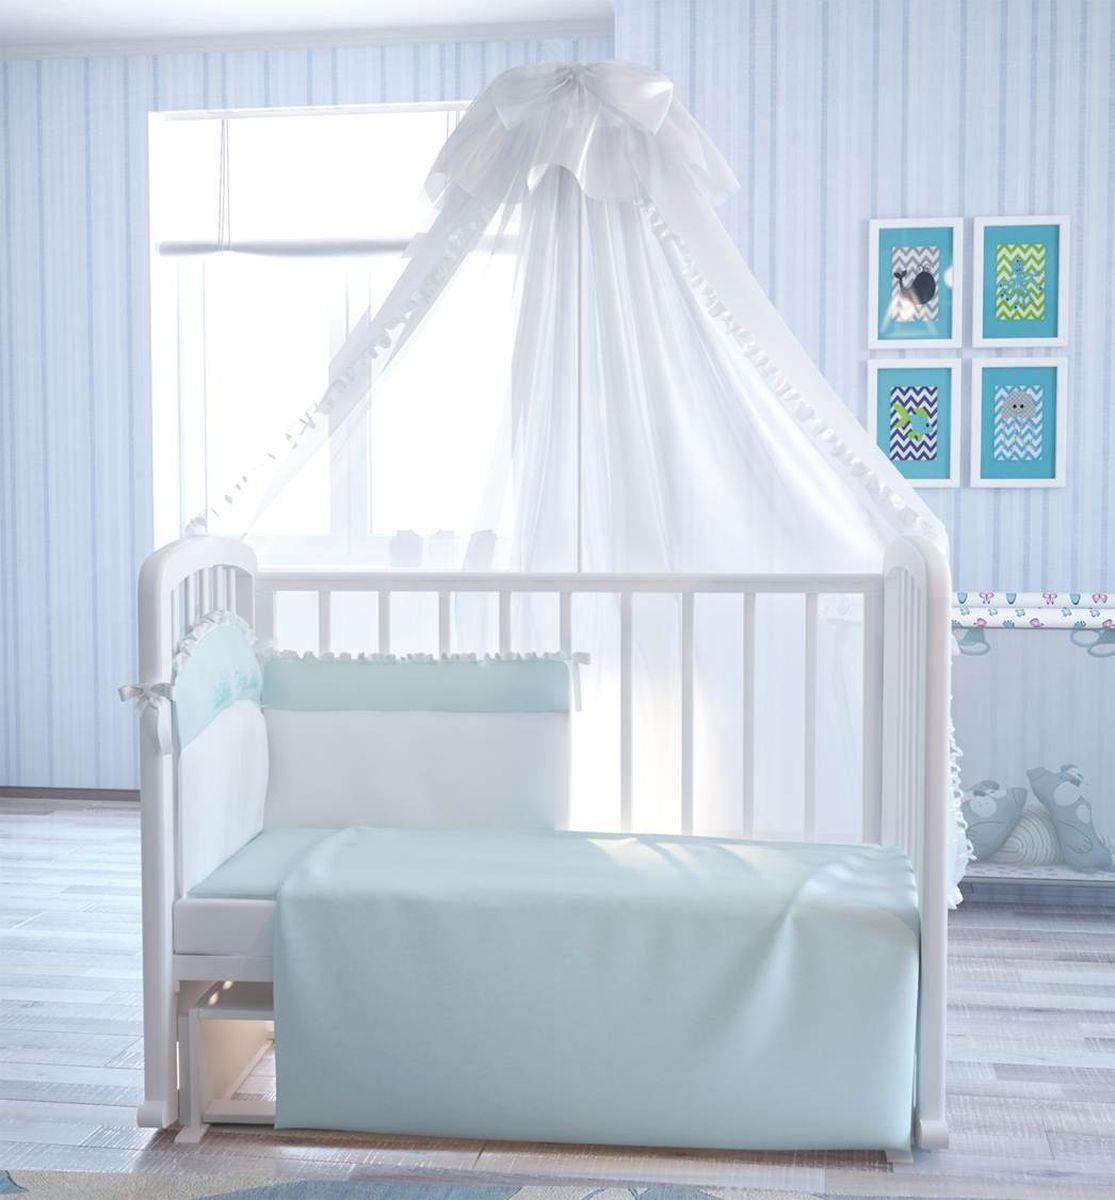 Fairy (ВПК) Fairy Комплект белья для новорожденных Сладкий сон цвет белый голубой 7 предметов 5618